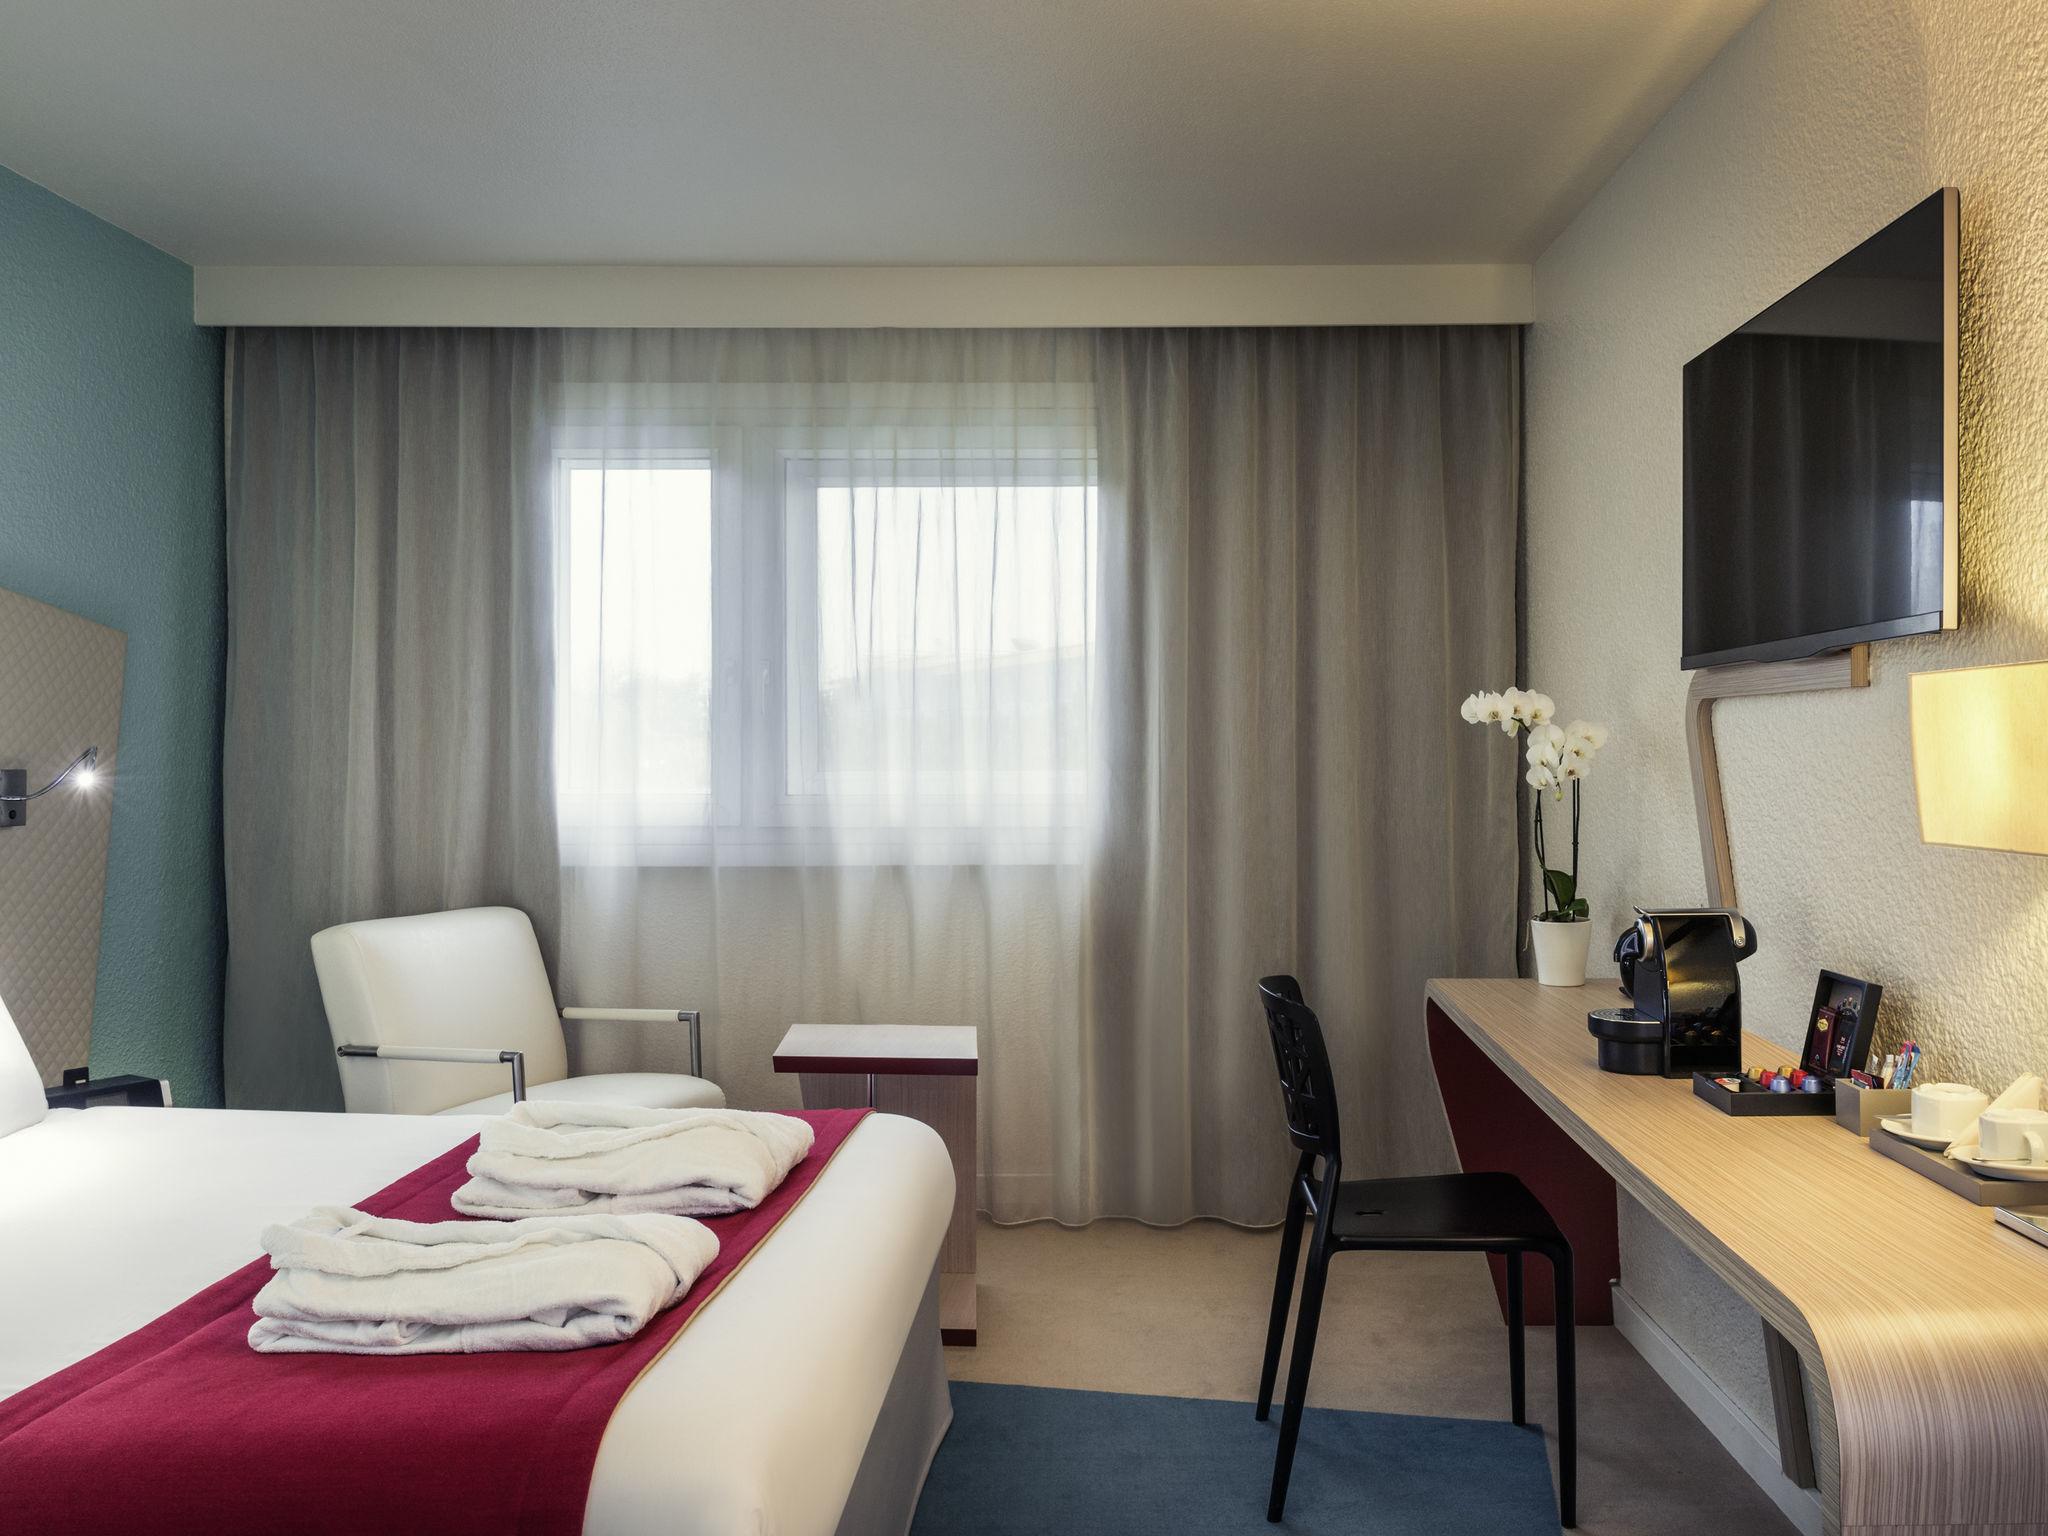 Hôtel - Hôtel Mercure Paris Le Bourget